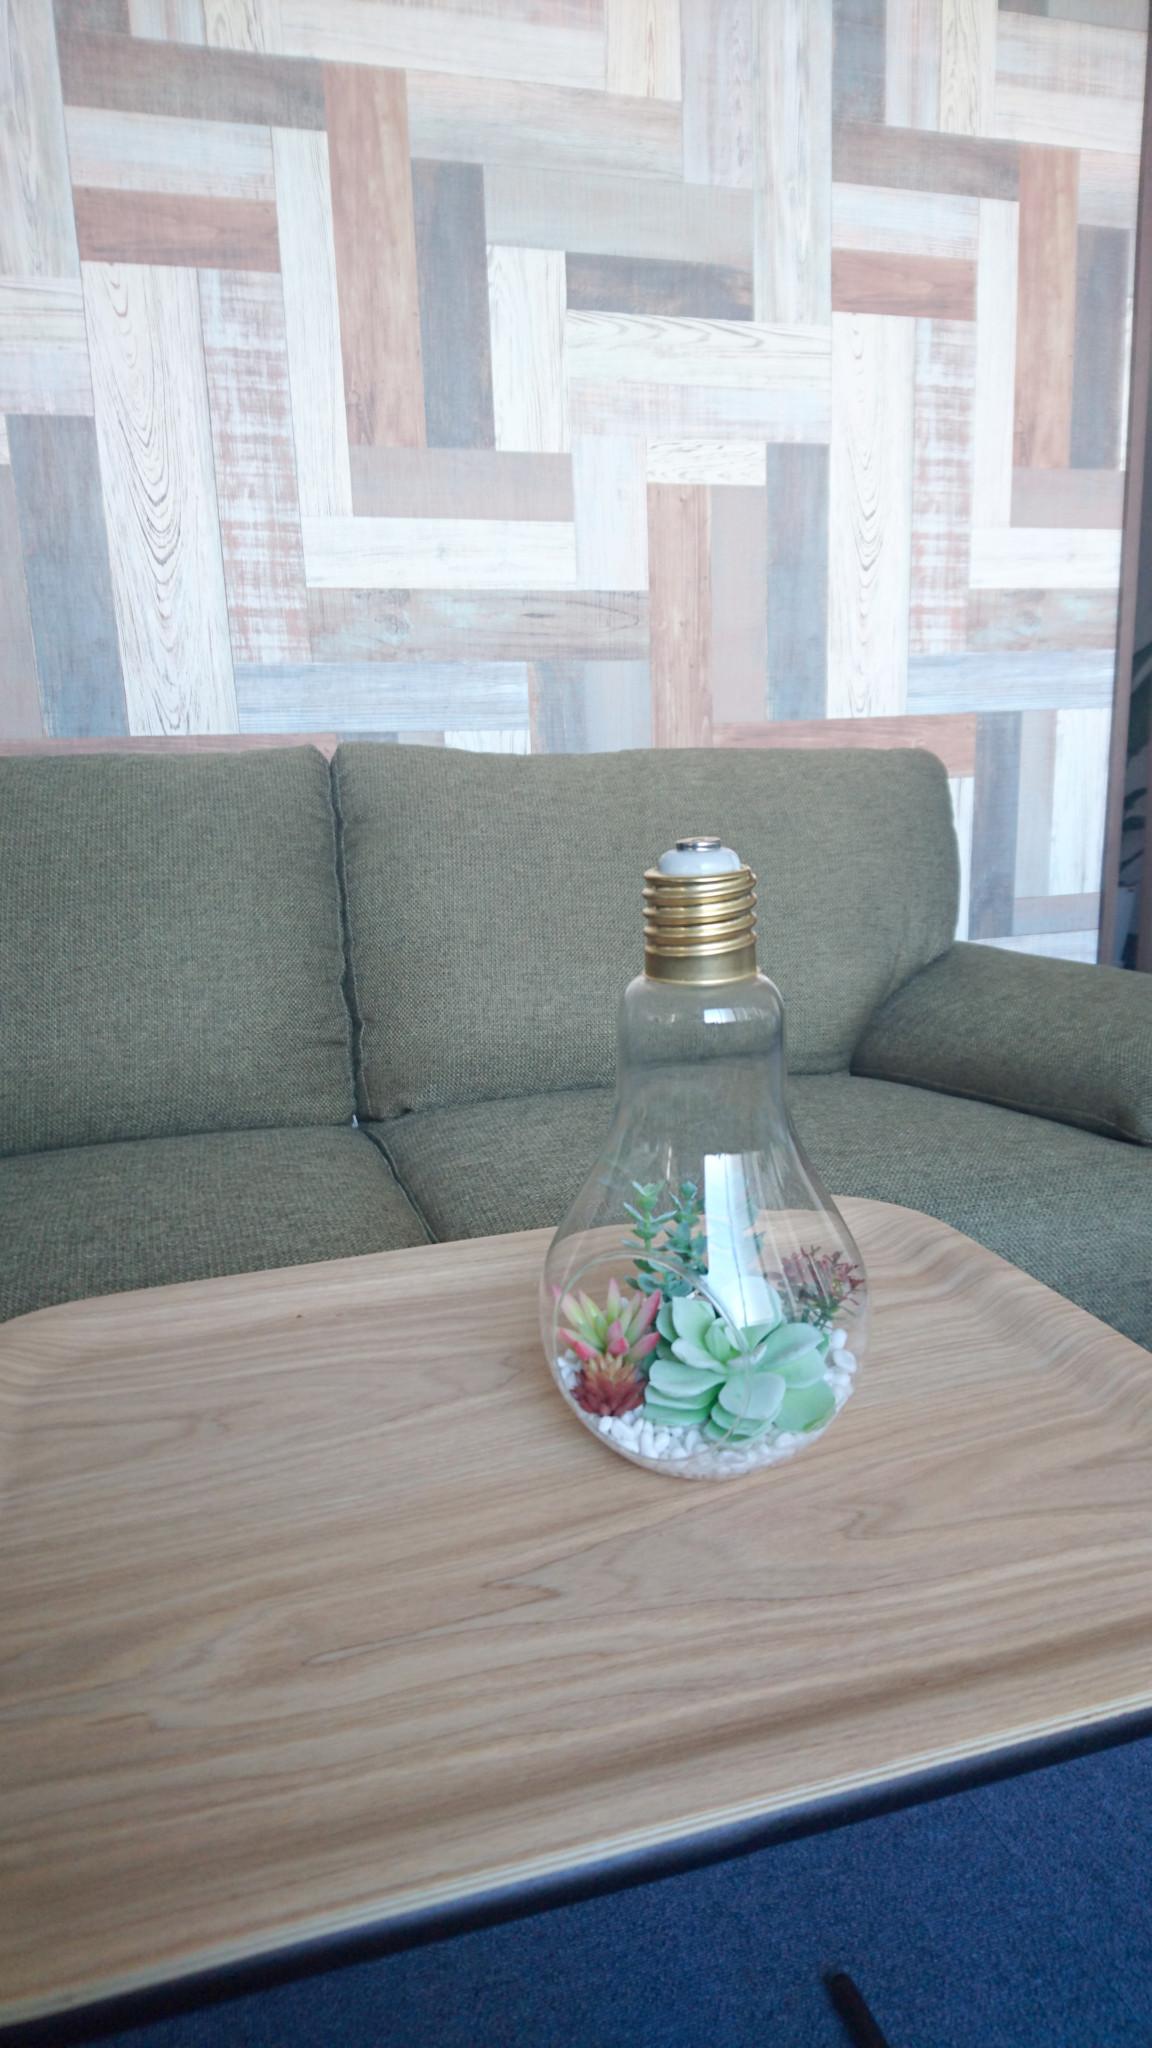 ひらめきを象徴する形である電球